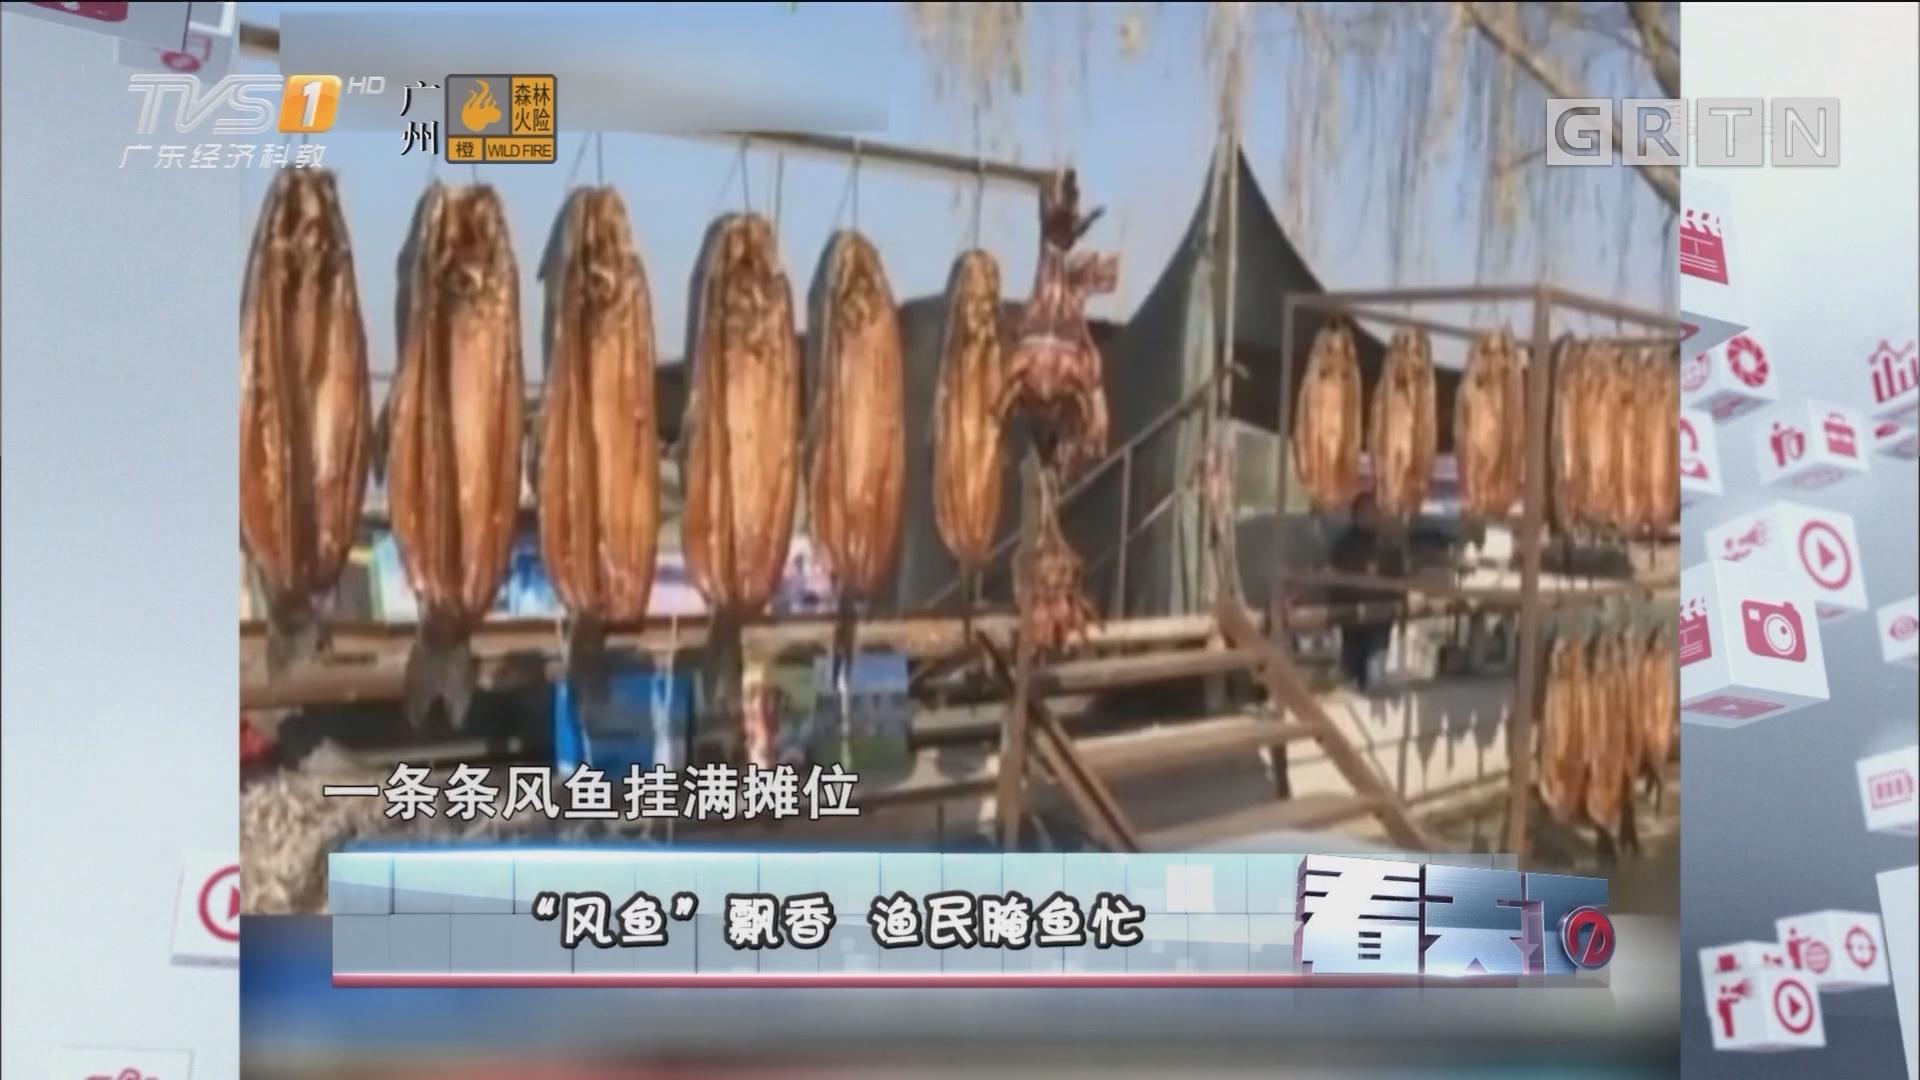 """[HD][2018-01-02]看天下:""""风鱼""""飘香 渔民腌鱼忙"""